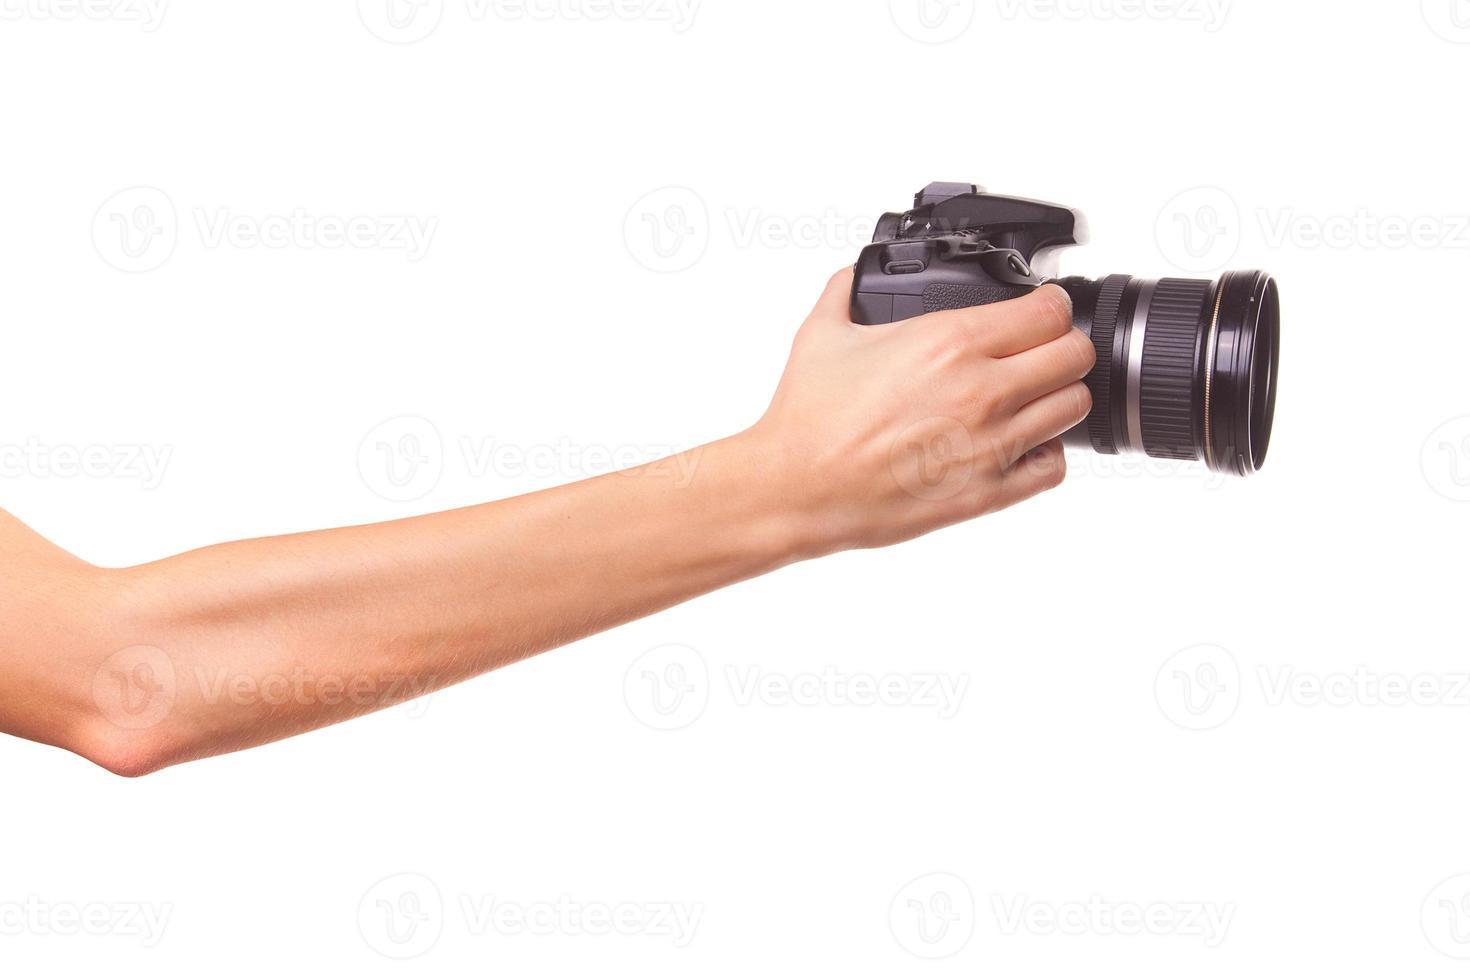 vrouwen handen met de camera. foto